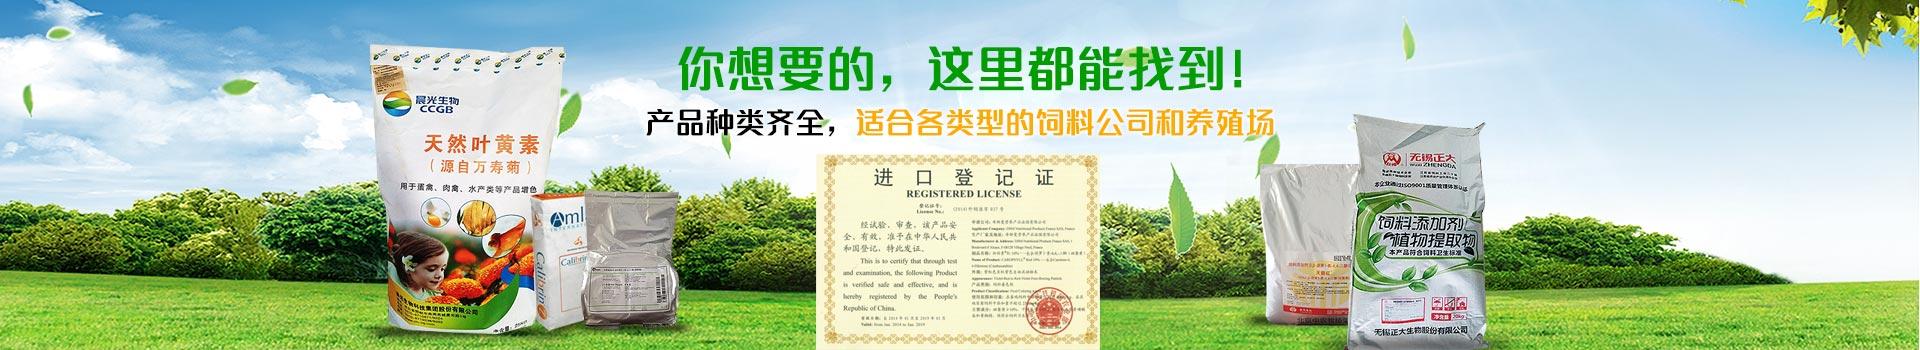 中农牧扬,产品种类齐全,适合各类型的饲料公司和养殖场